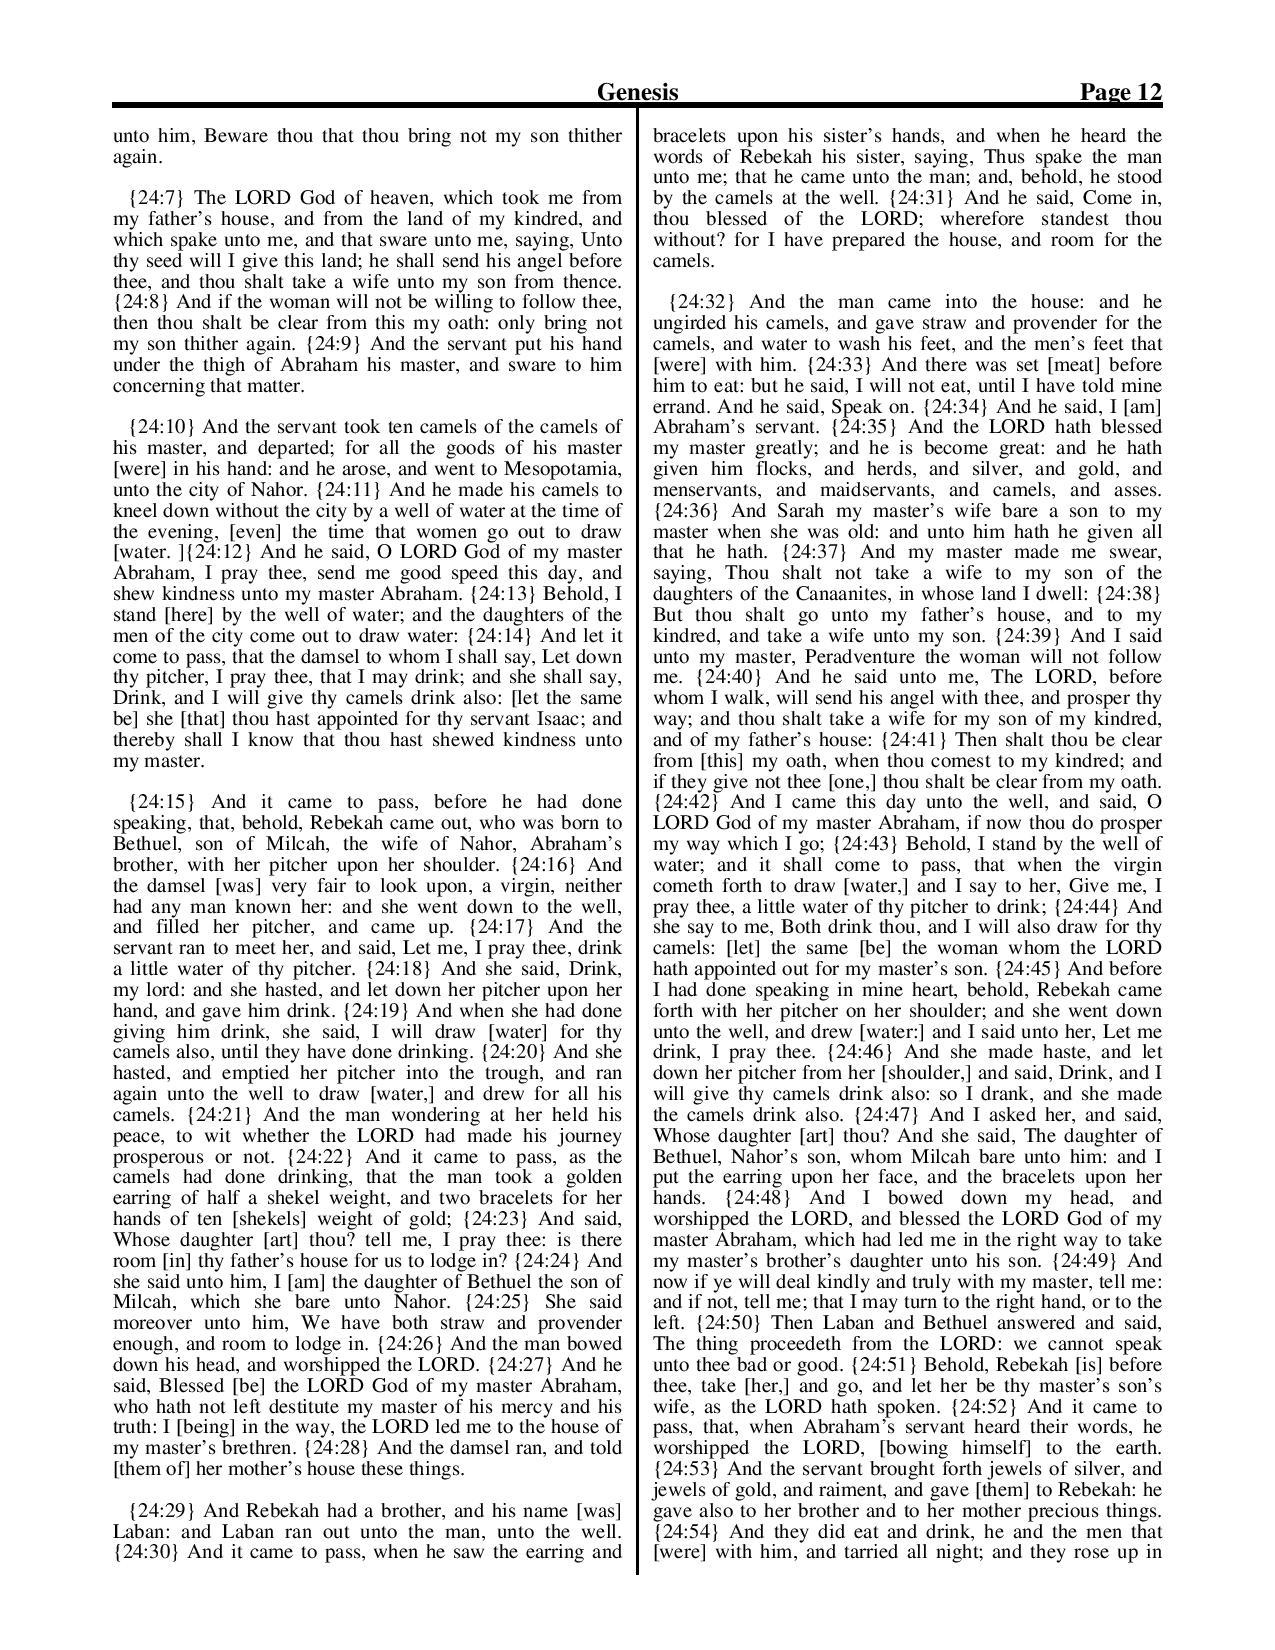 King-James-Bible-KJV-Bible-PDF-page-033